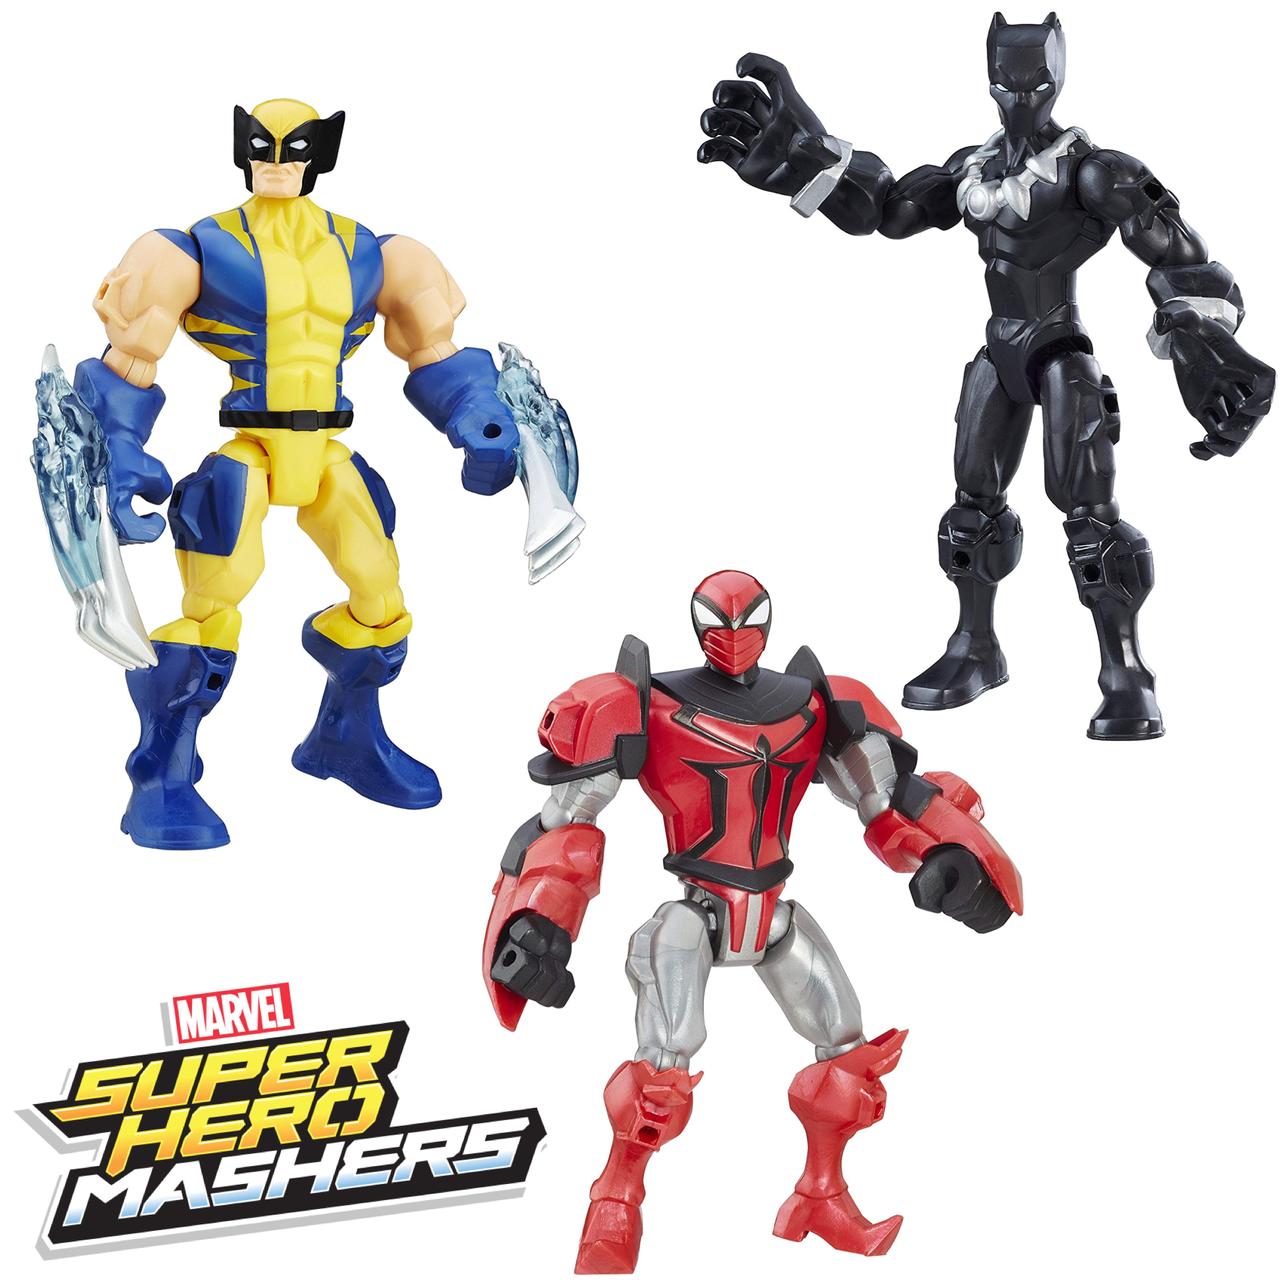 Набір розбірних фігурок супергероїв Росомаха, Чорна Пантера, Лицар-павук - Mashers, Hasbro